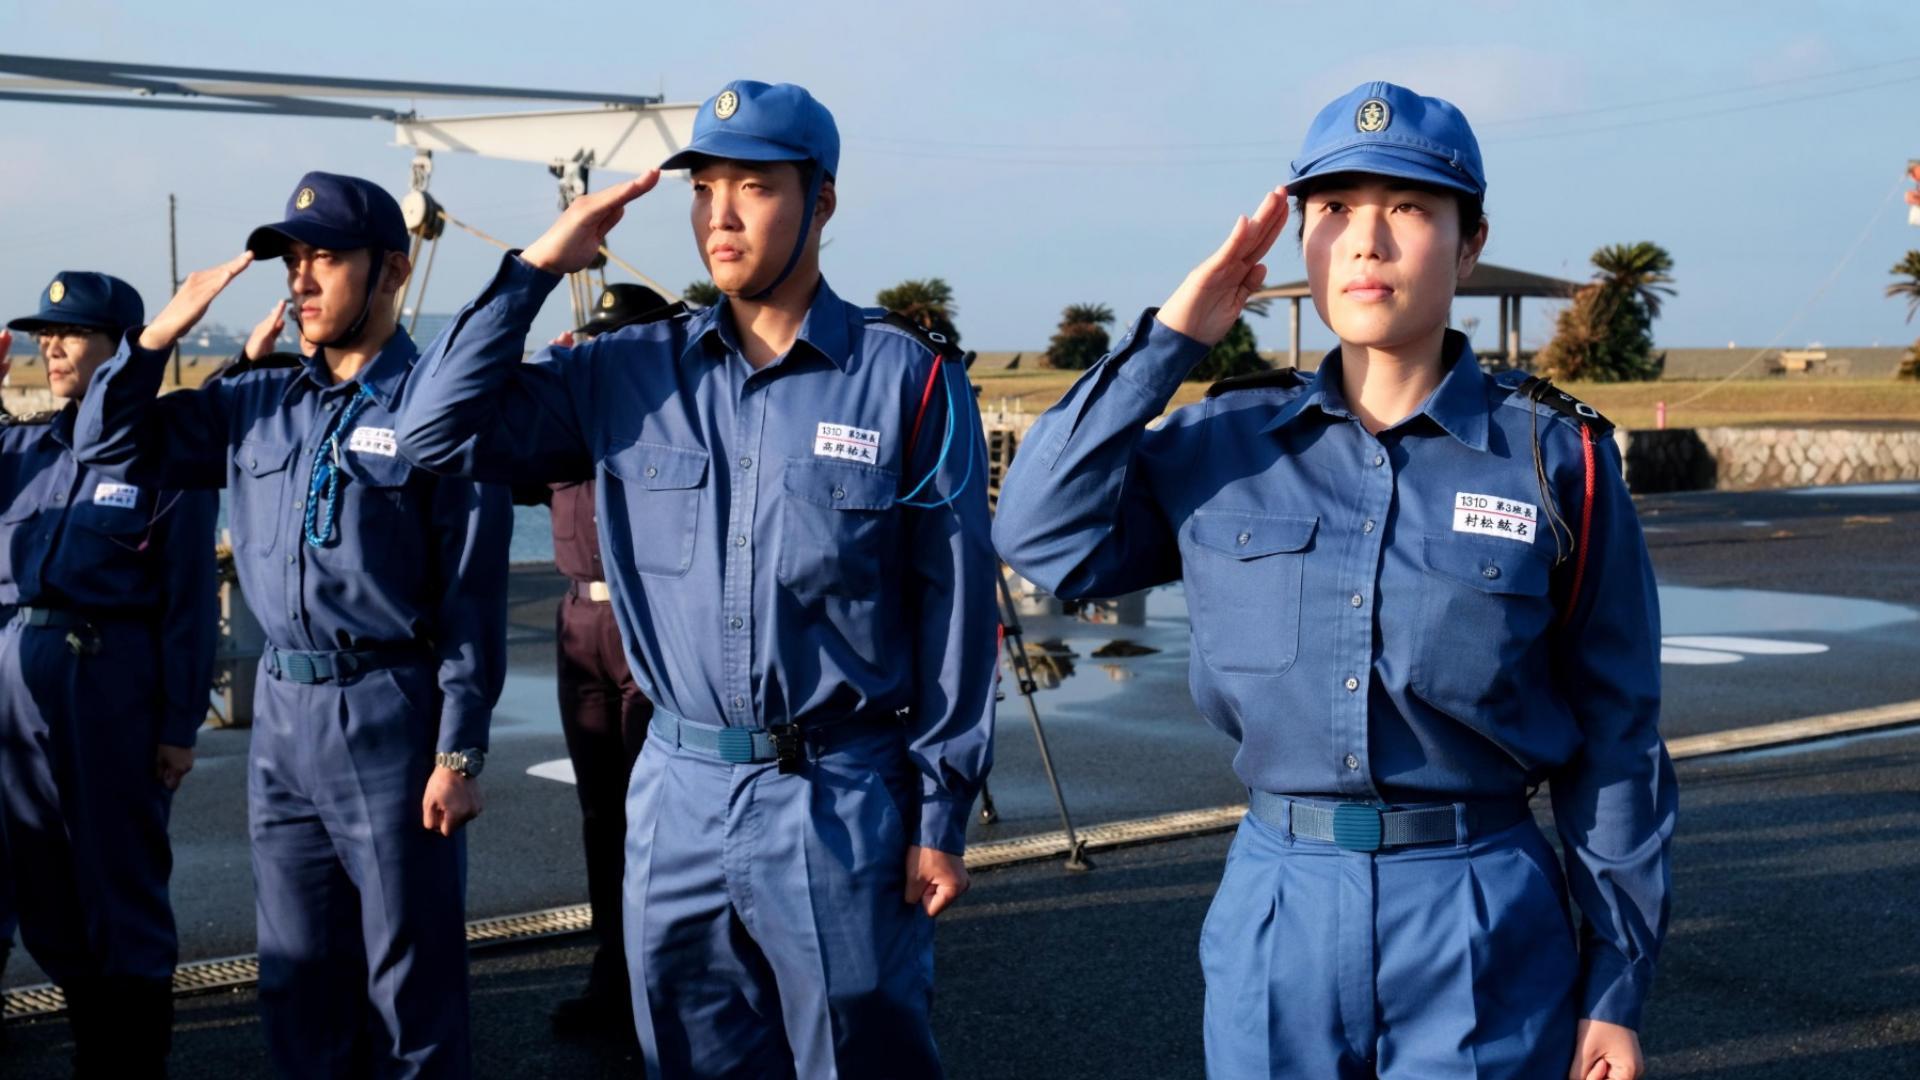 مع انخفاض عدد السكان.. اليابان تستعين بالنساء لتعبئة جيشها